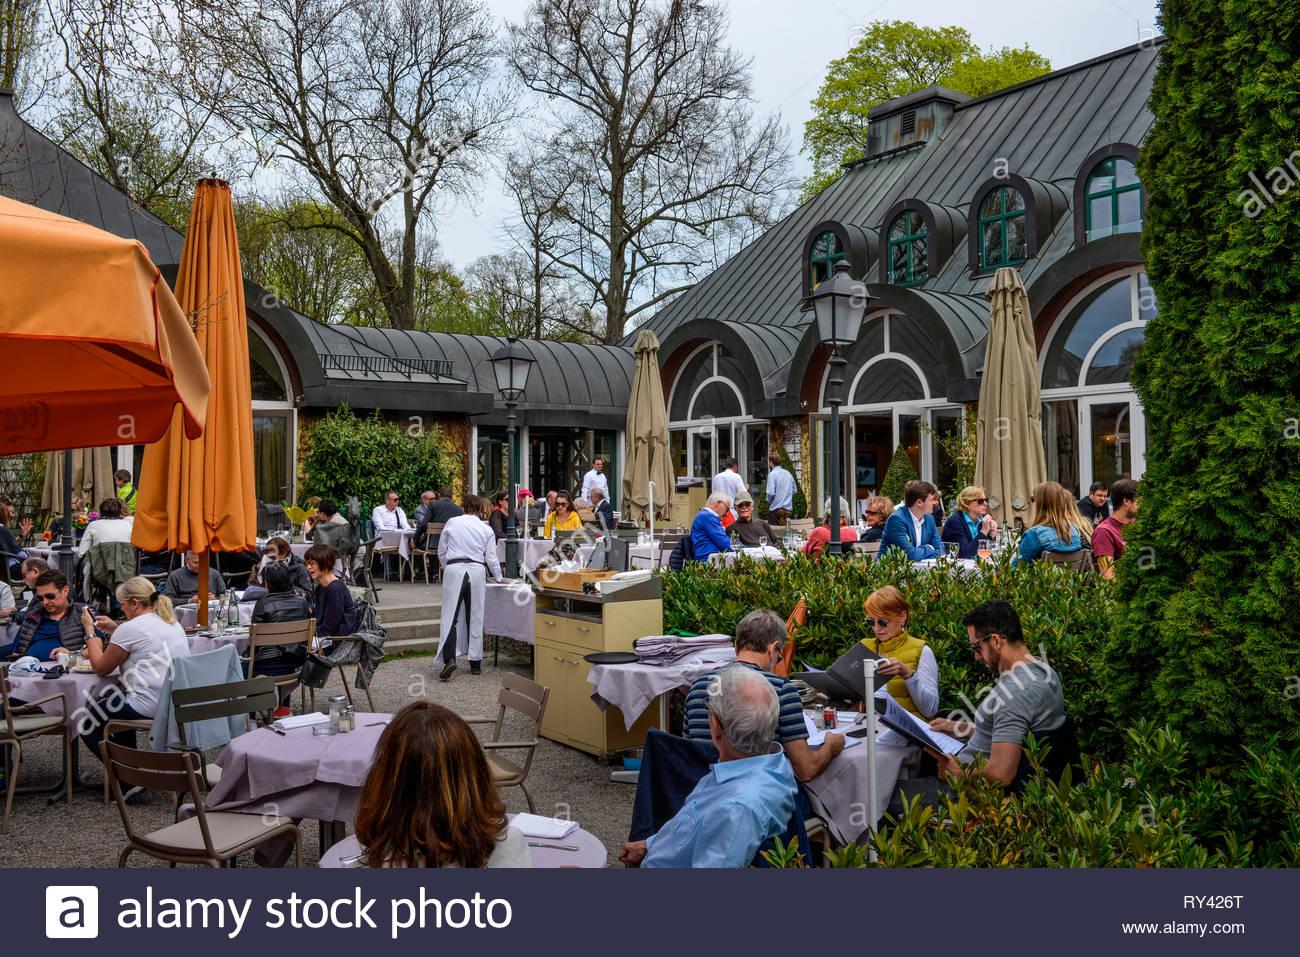 seehaus biergarten am kleinhesseloher see englischer garten muenchen bayern deutschland RY426T